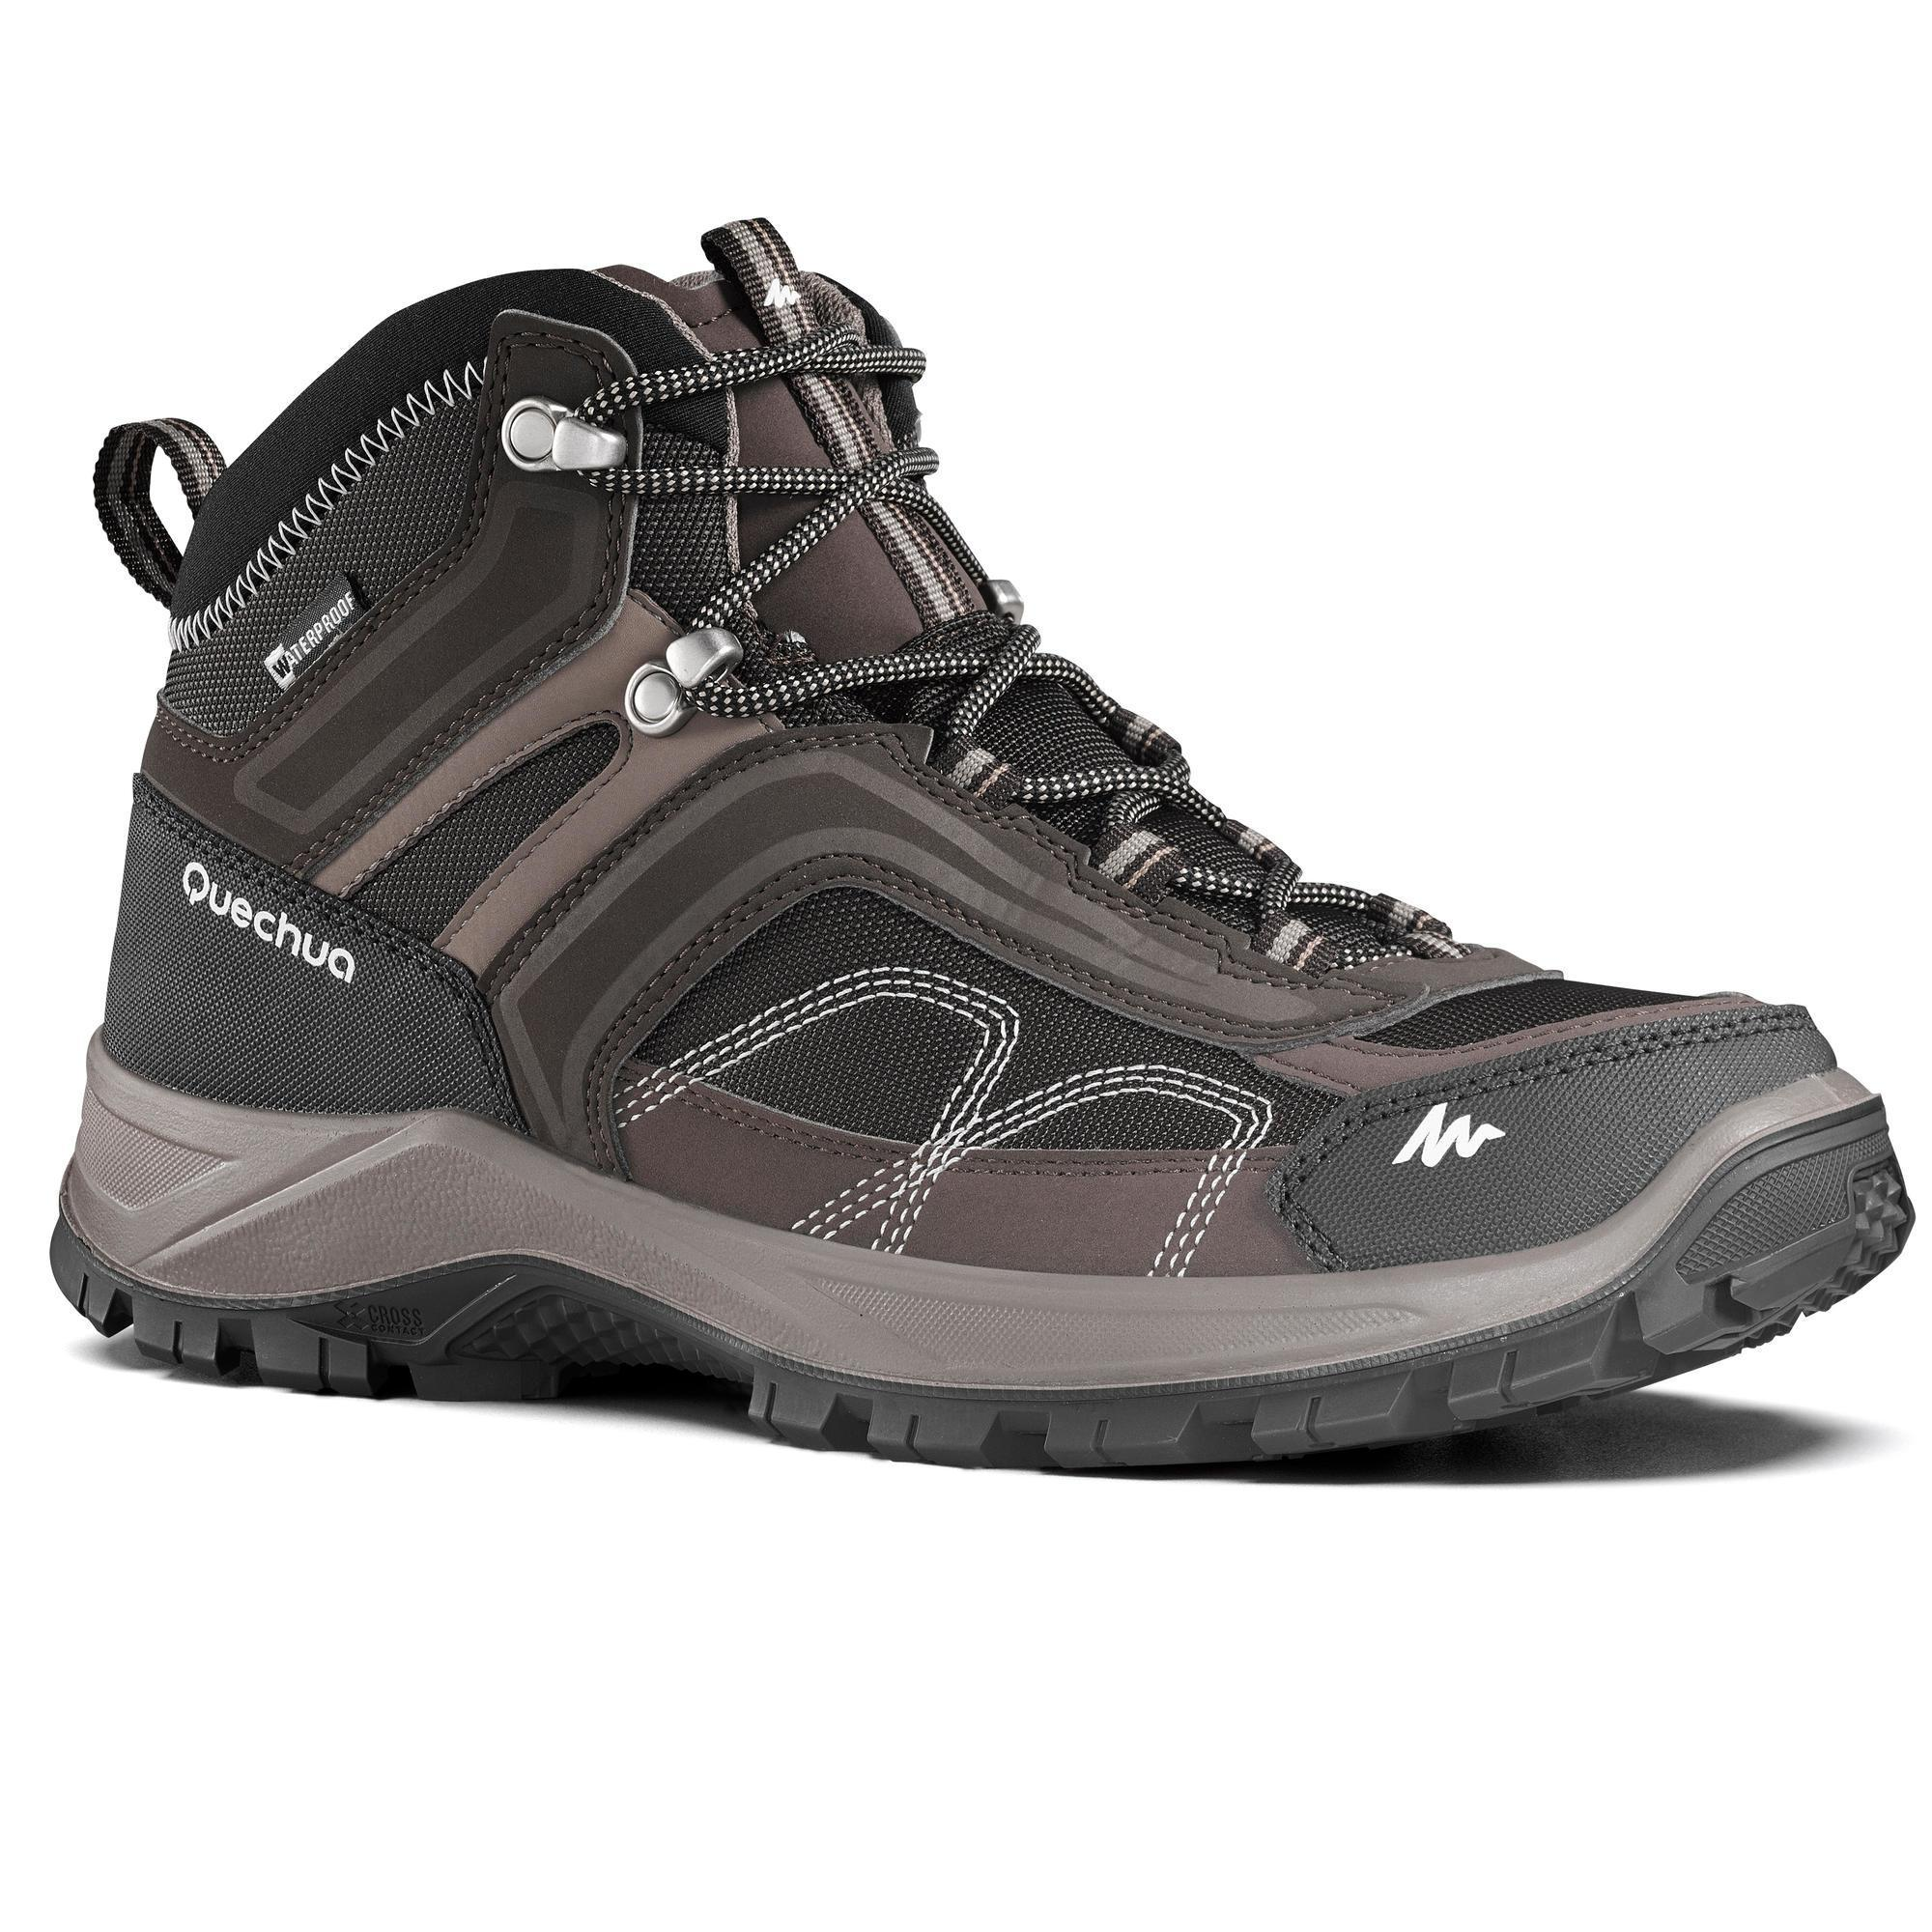 72d5fba8d35 Comprar Botas de Montaña y Trekking